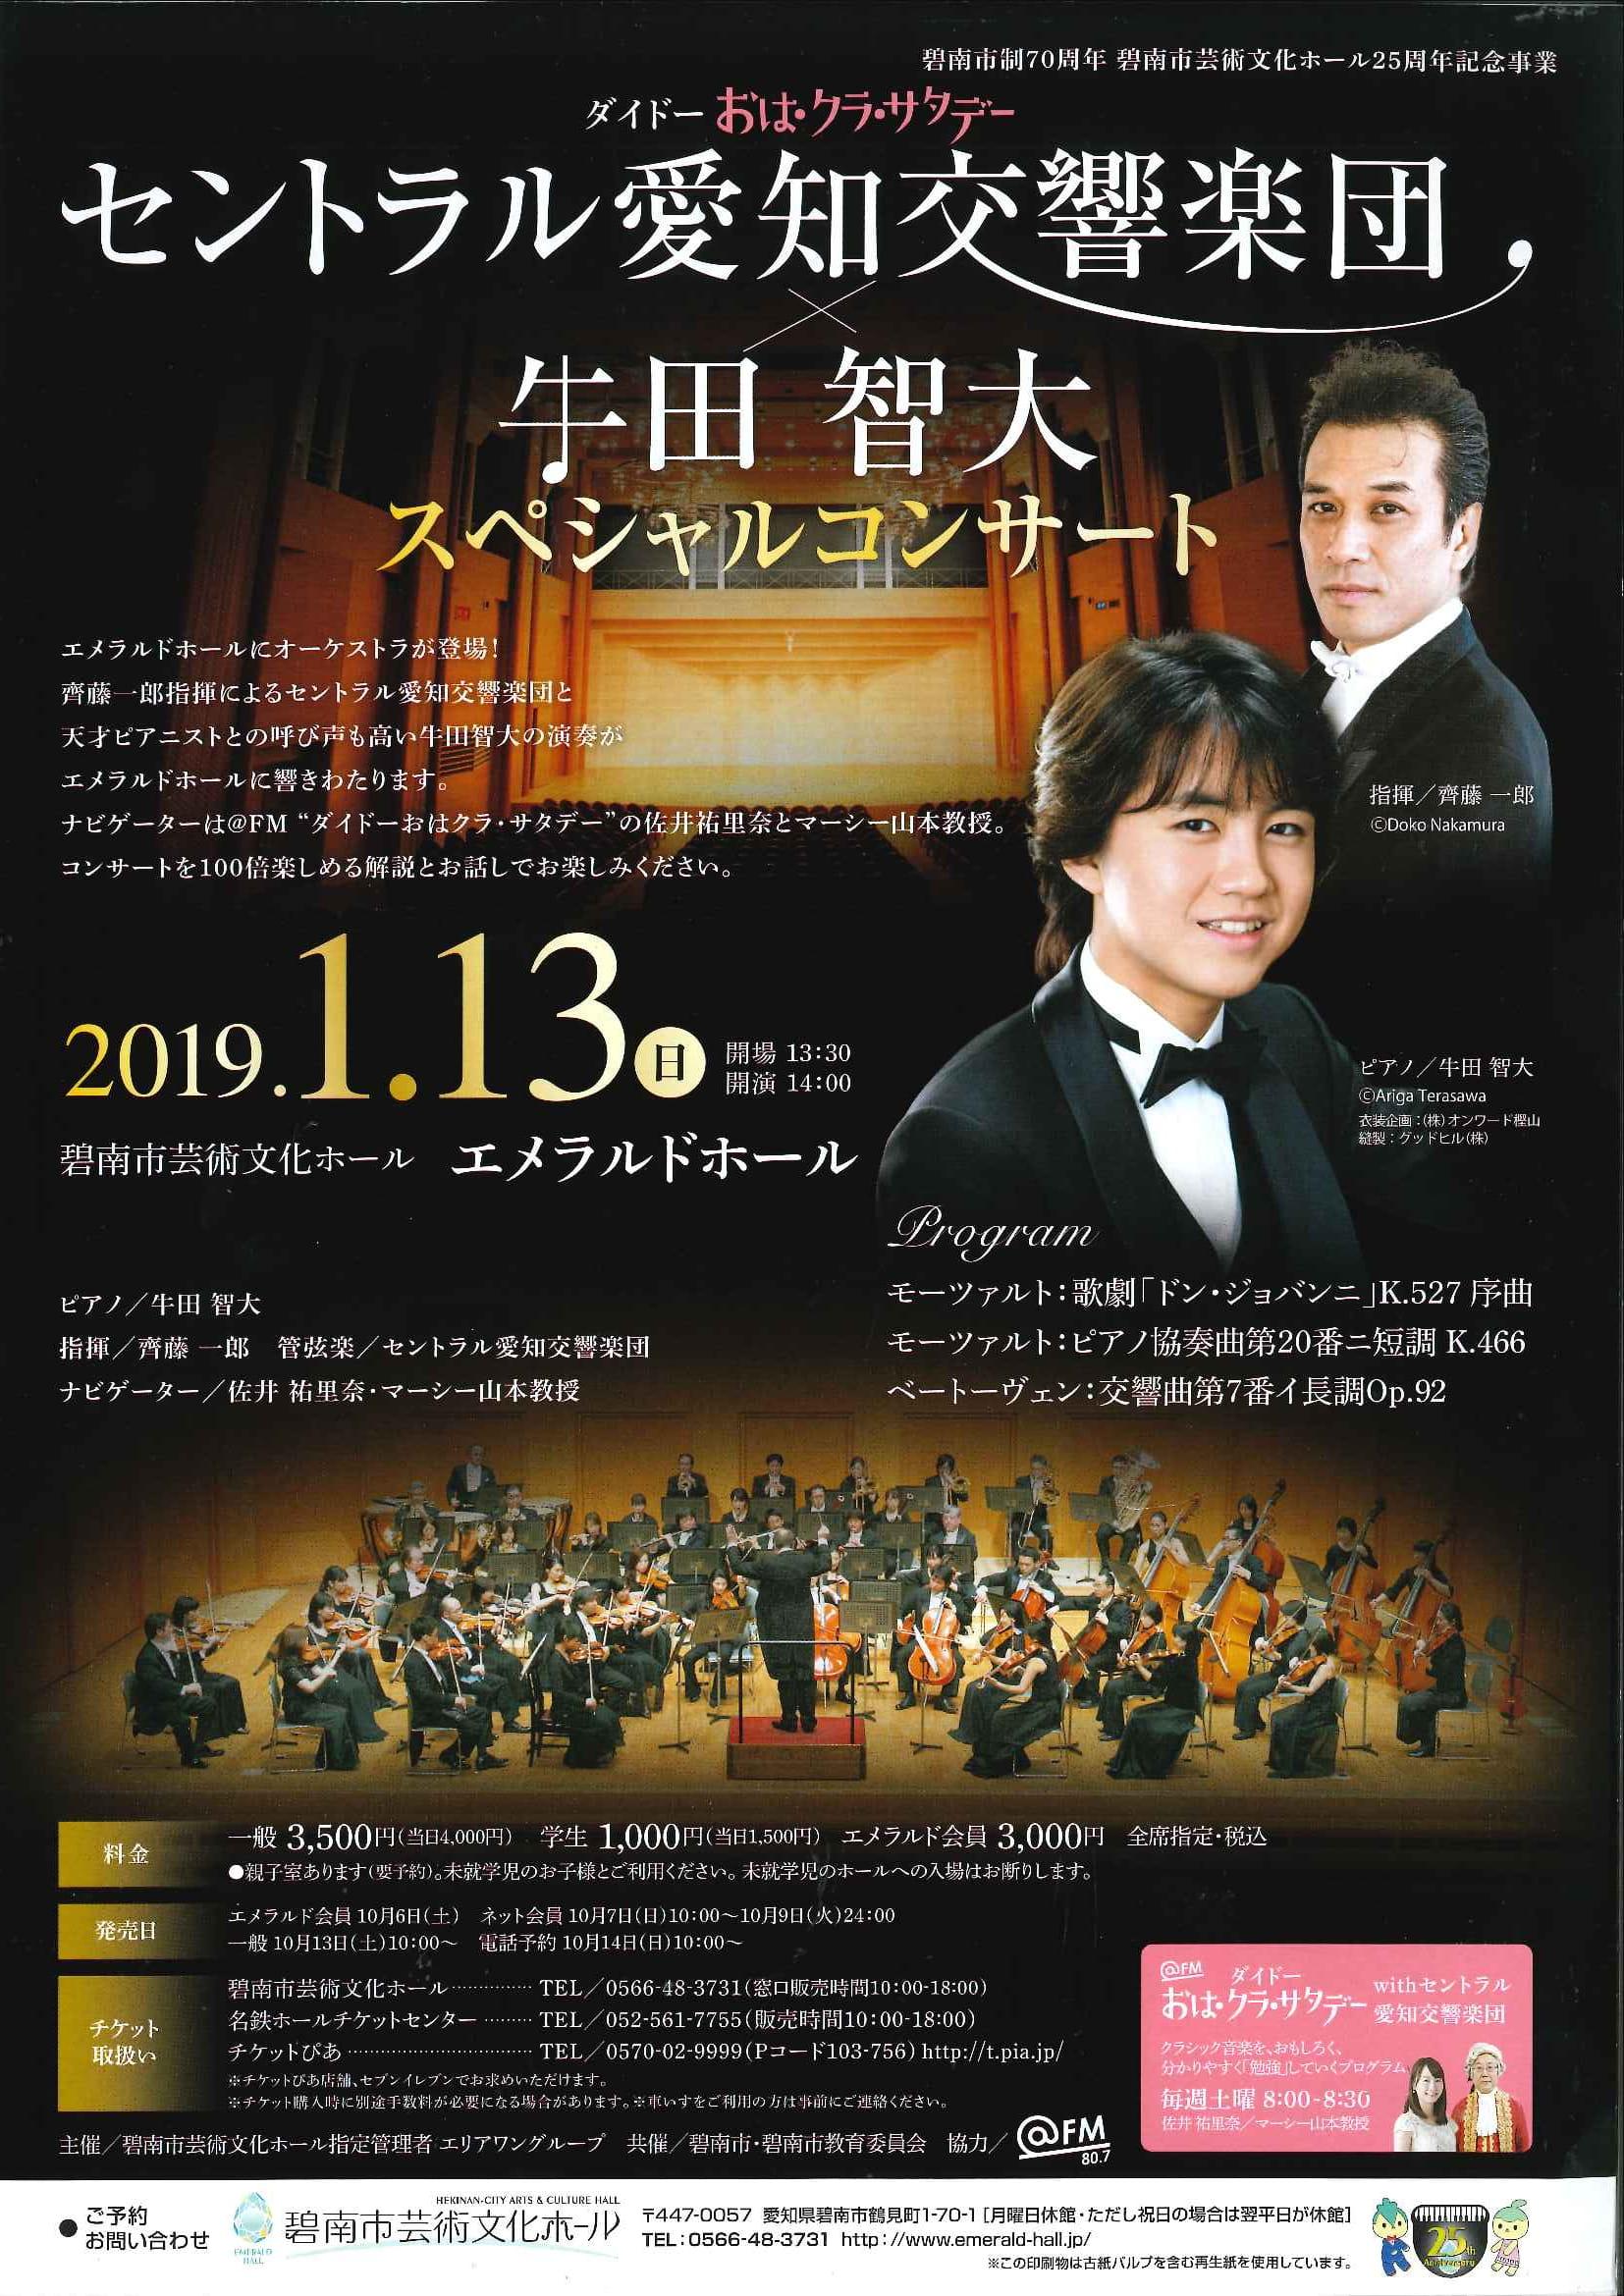 セントラル愛知交響楽団×牛田智大 スペシャルコンサート